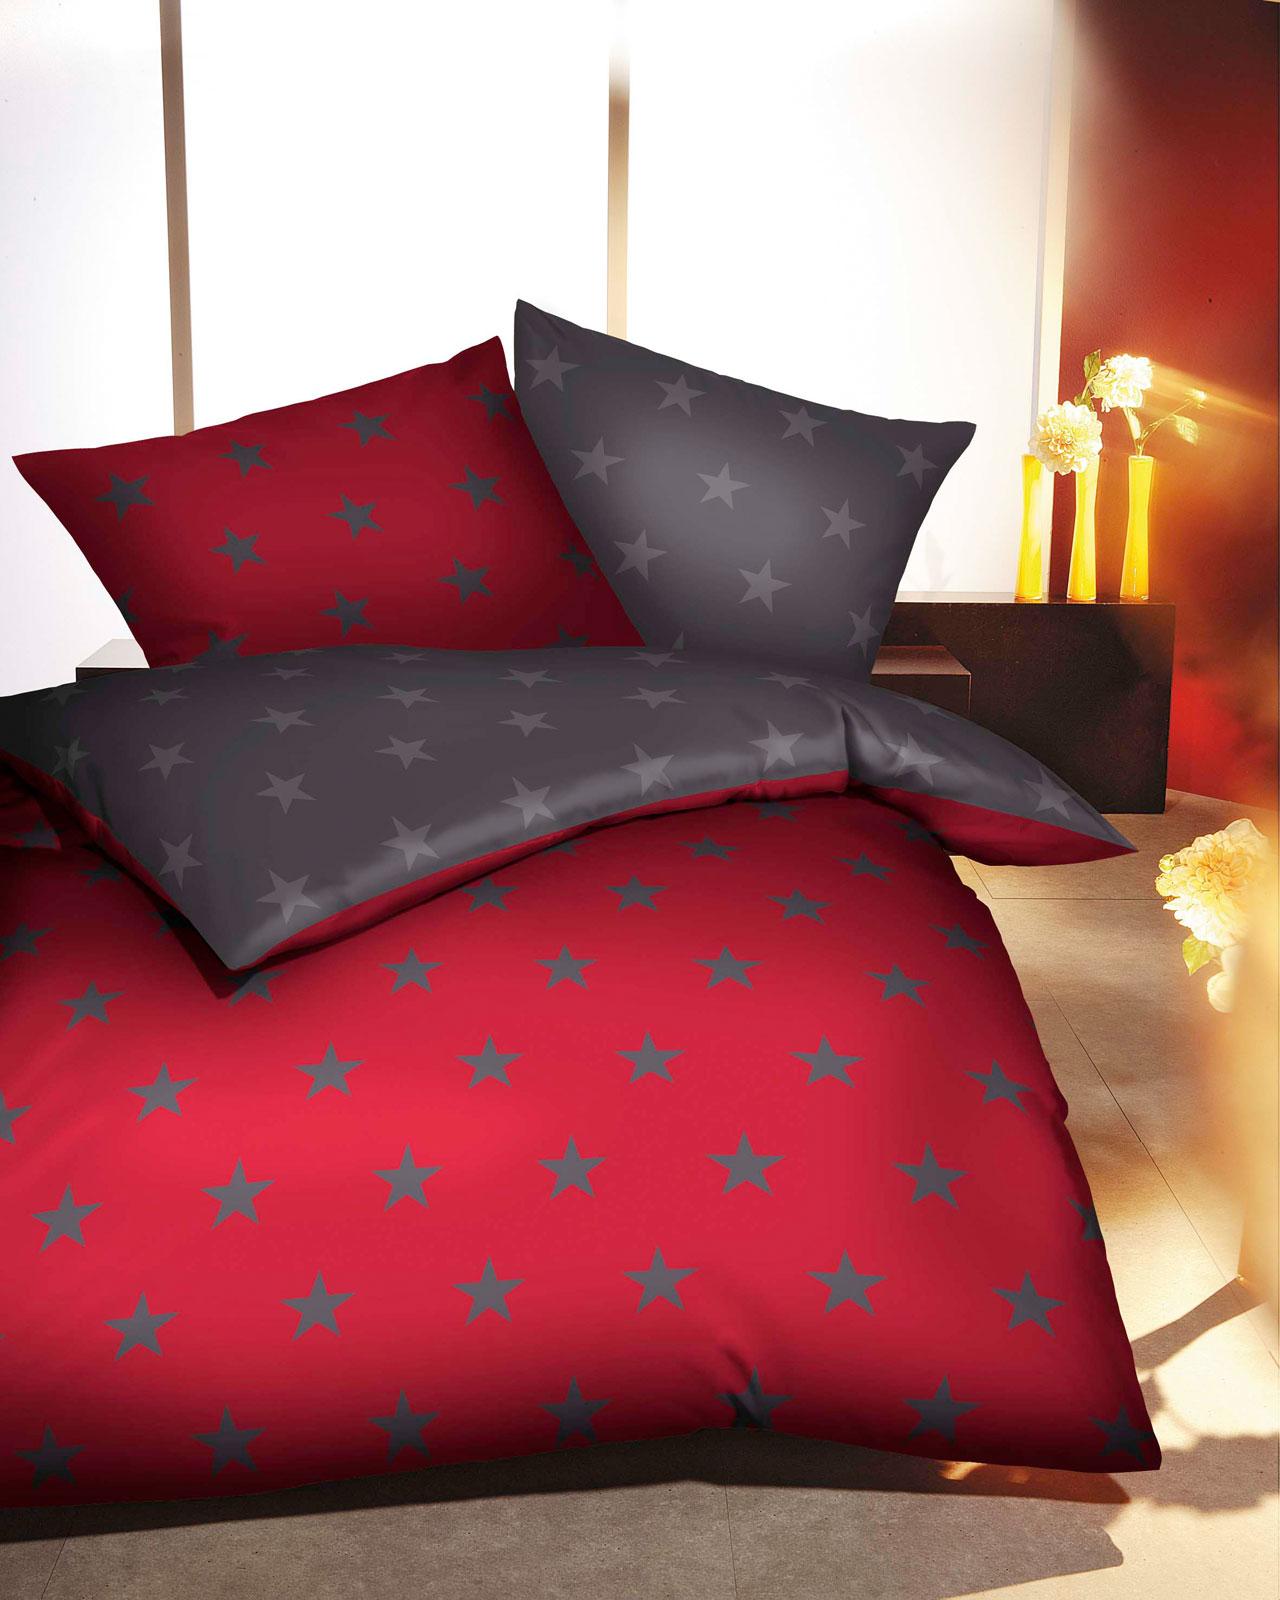 Bettwäsche - Kaeppel Biber Bettwäsche 135x200 327 542 Sterne rubin  - Onlineshop PremiumShop321